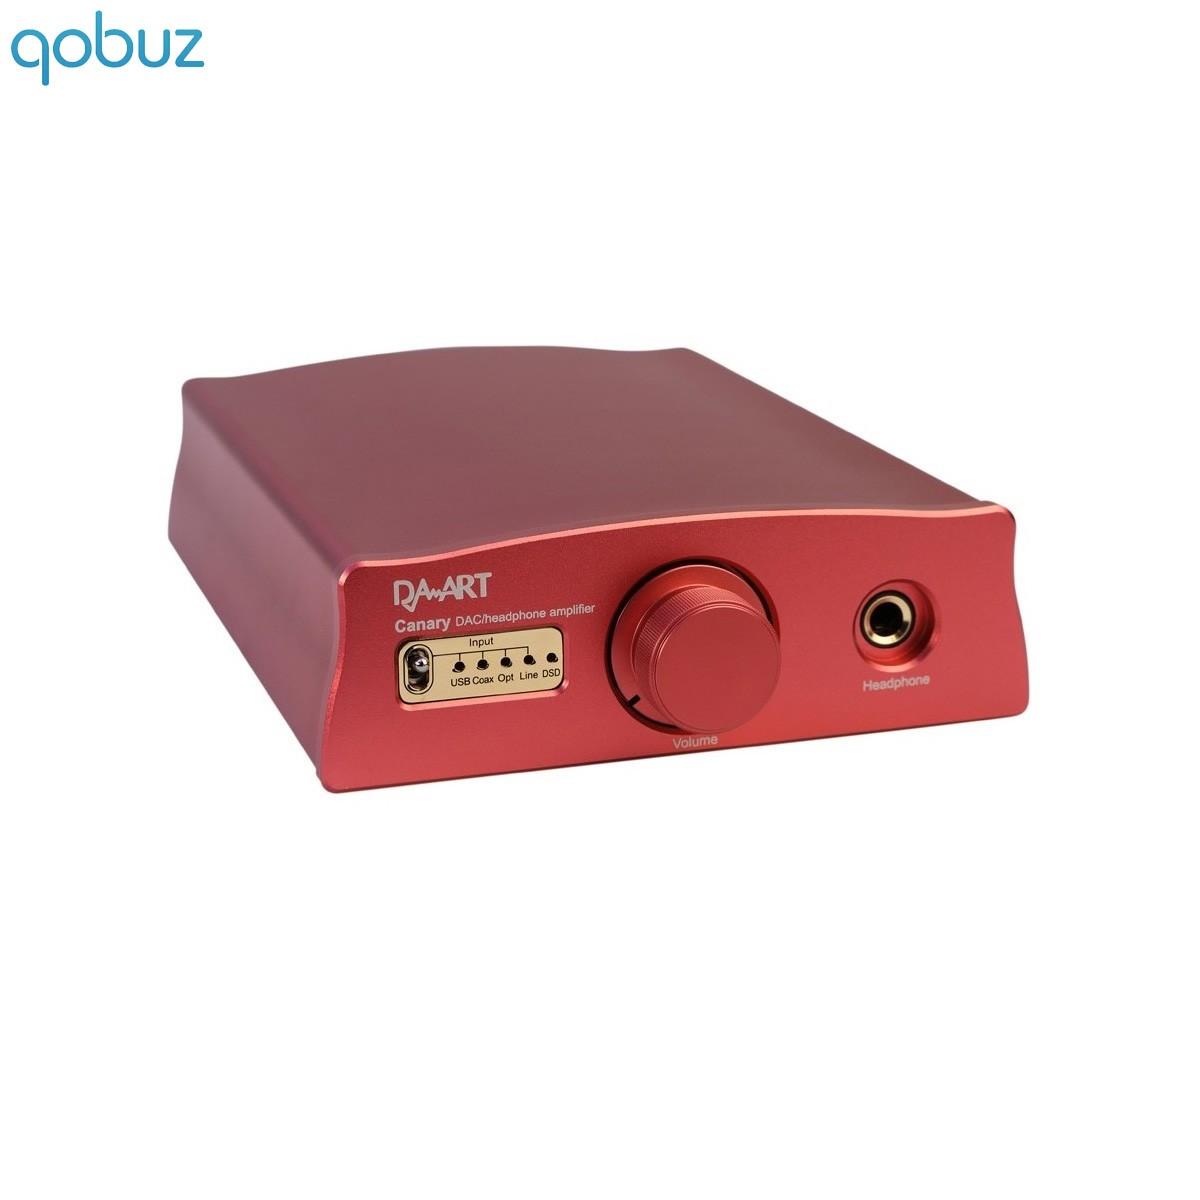 DAART Canary DAC USB XMOS DSD ES9018K2M 32bit Ampli casque class A Rouge